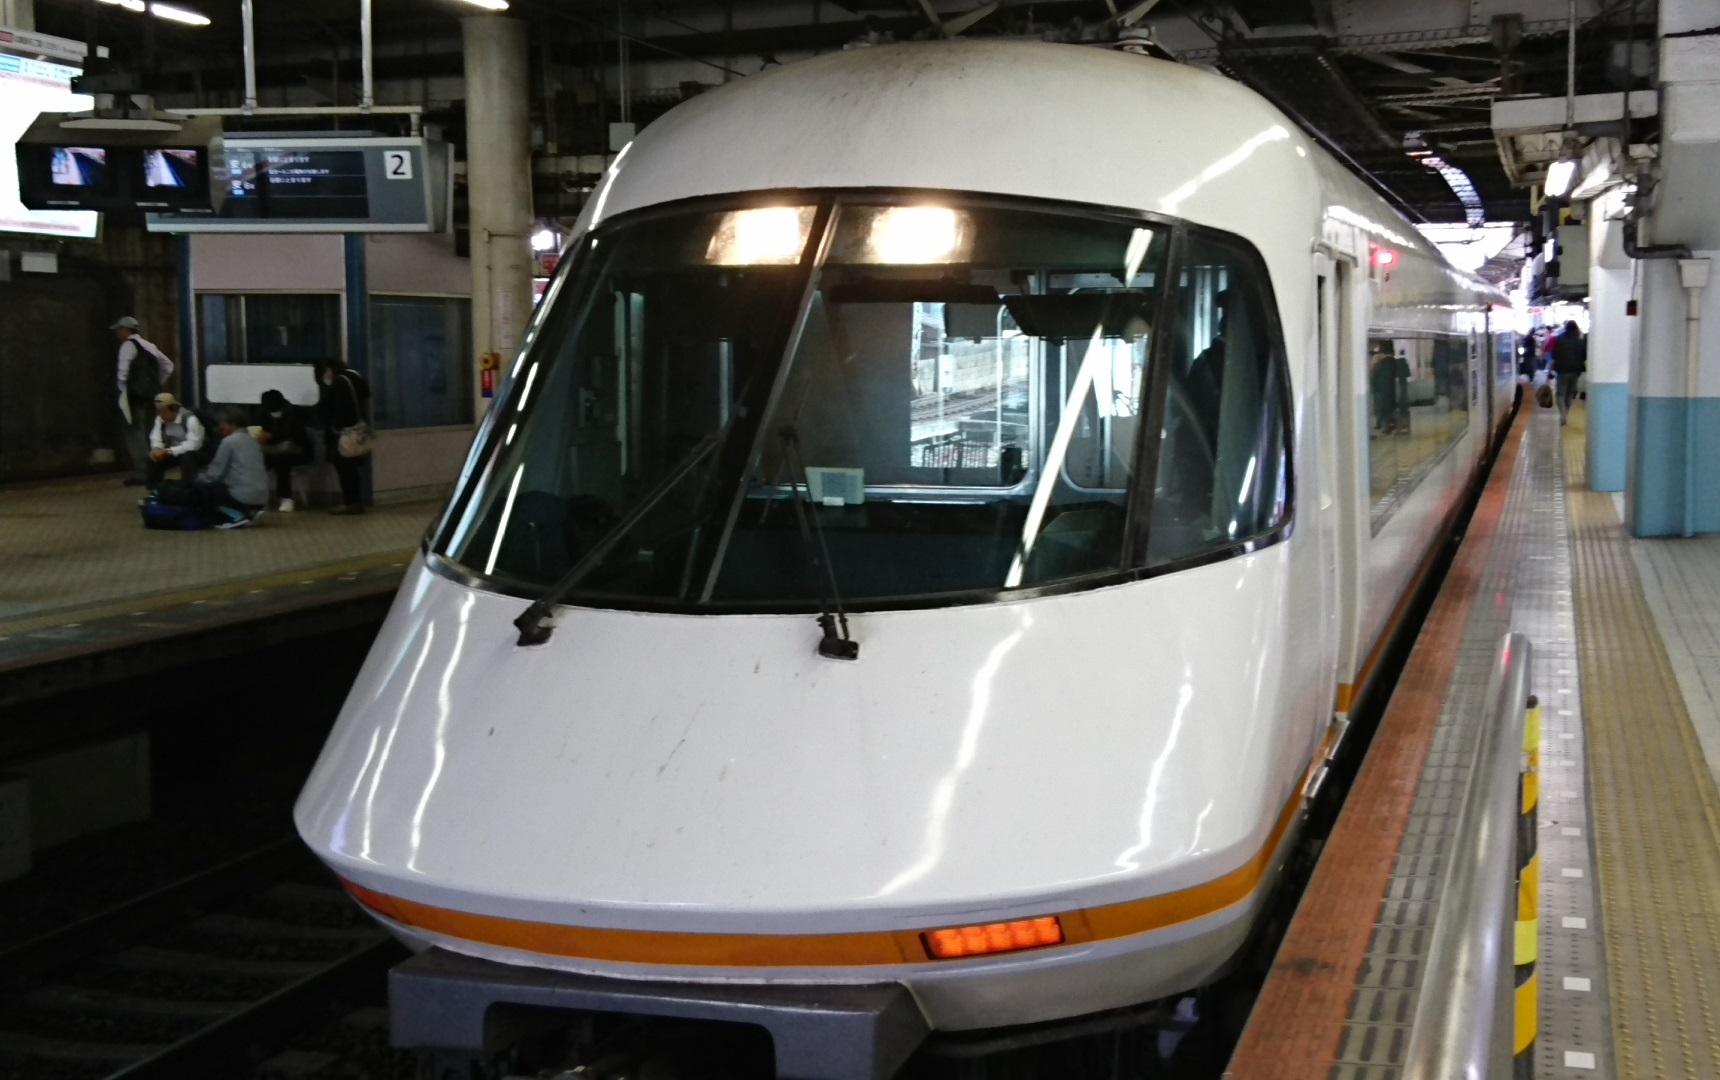 2016.11.12 近鉄 (25) 鶴橋 - アーバンライナー 1720-2080